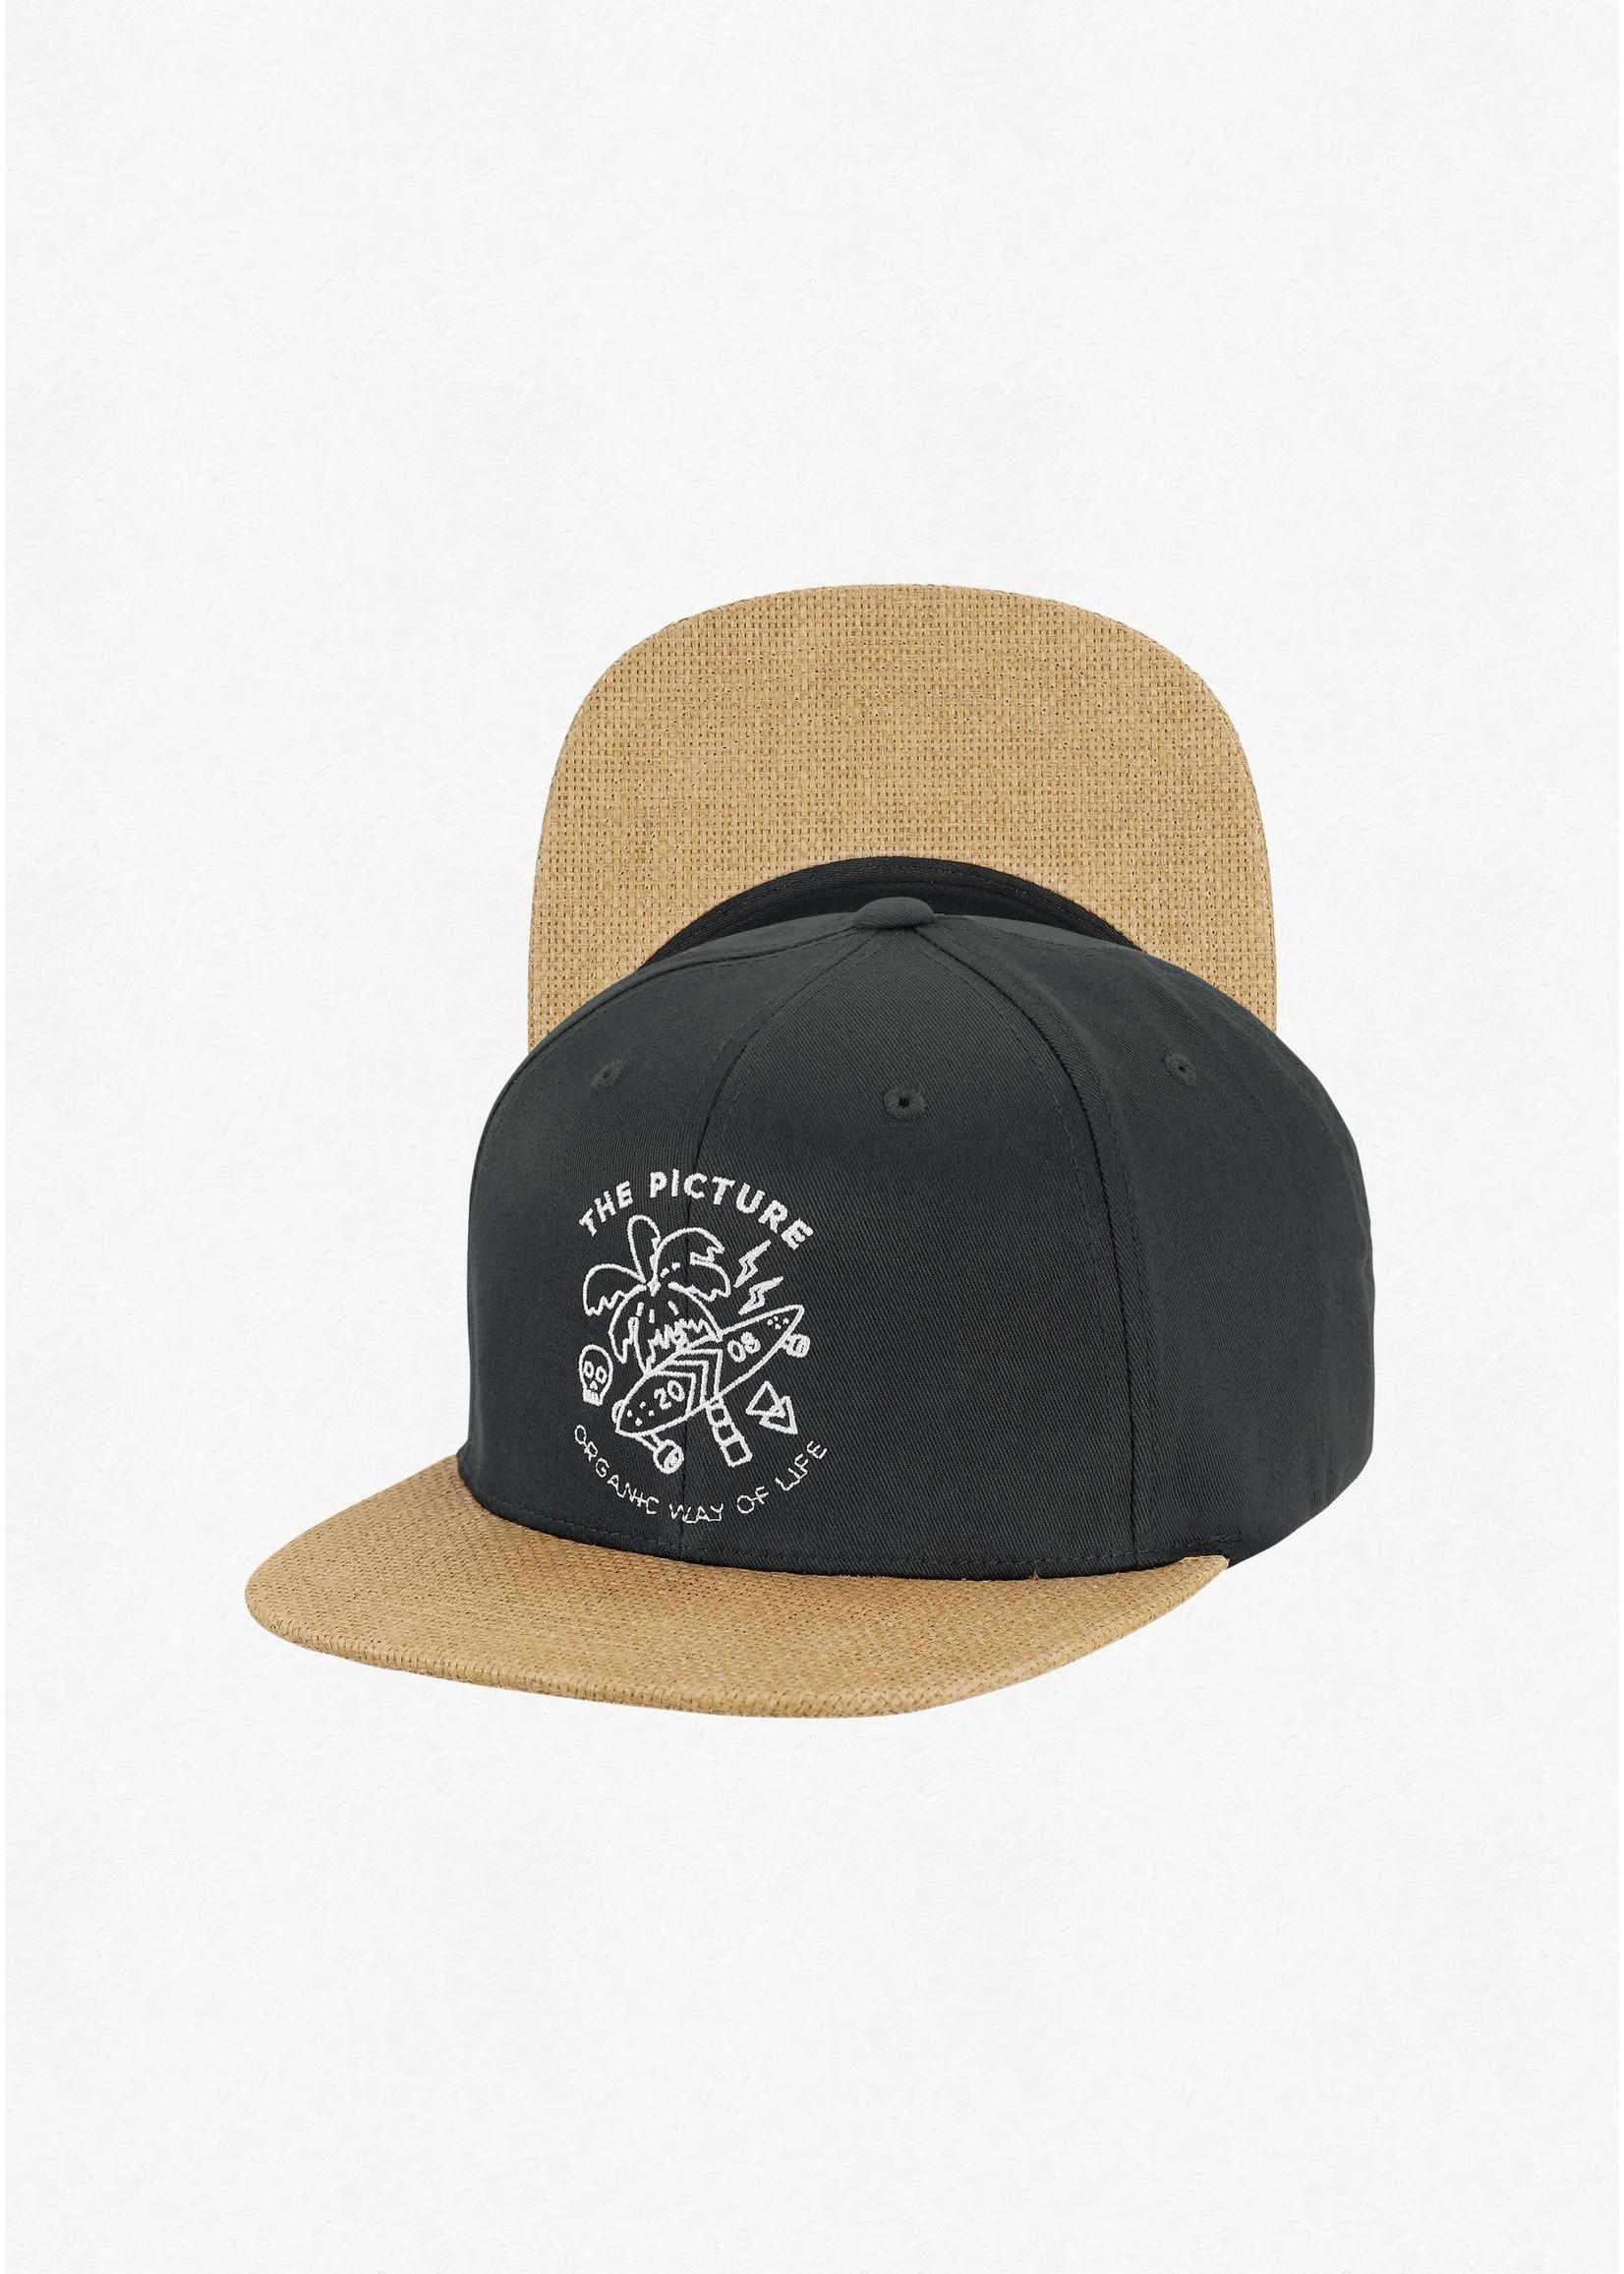 Picture Organic Clothing BEAVER CAP